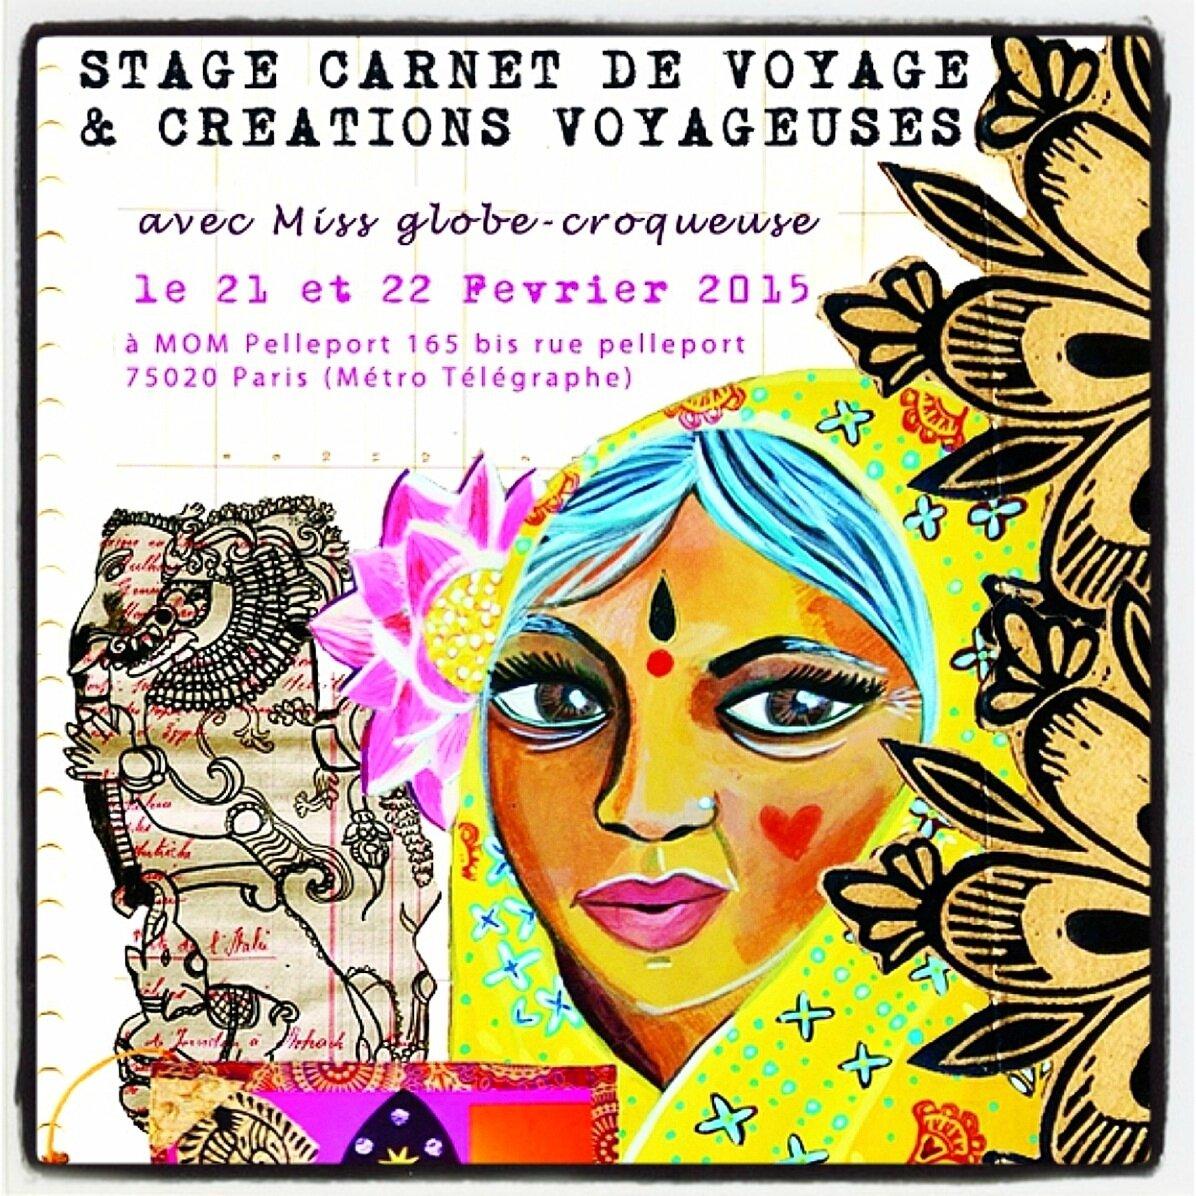 extrait affiche stage carnet voyage paris fev2015